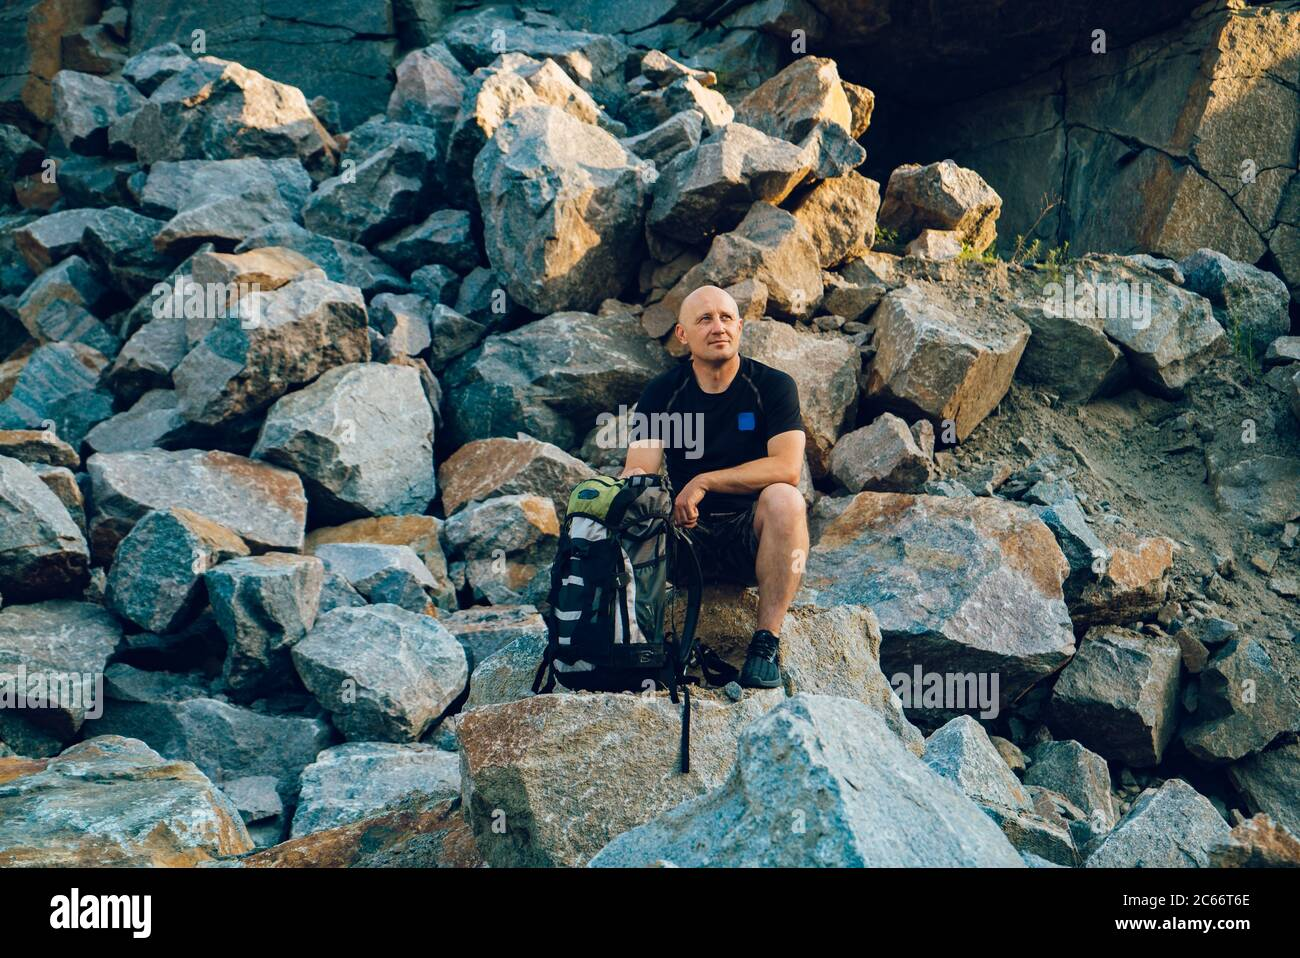 un voyageur repose sur une pierre et regarde le bord autour de lui. Un touriste se trouve sur le fond du rocher en été Banque D'Images